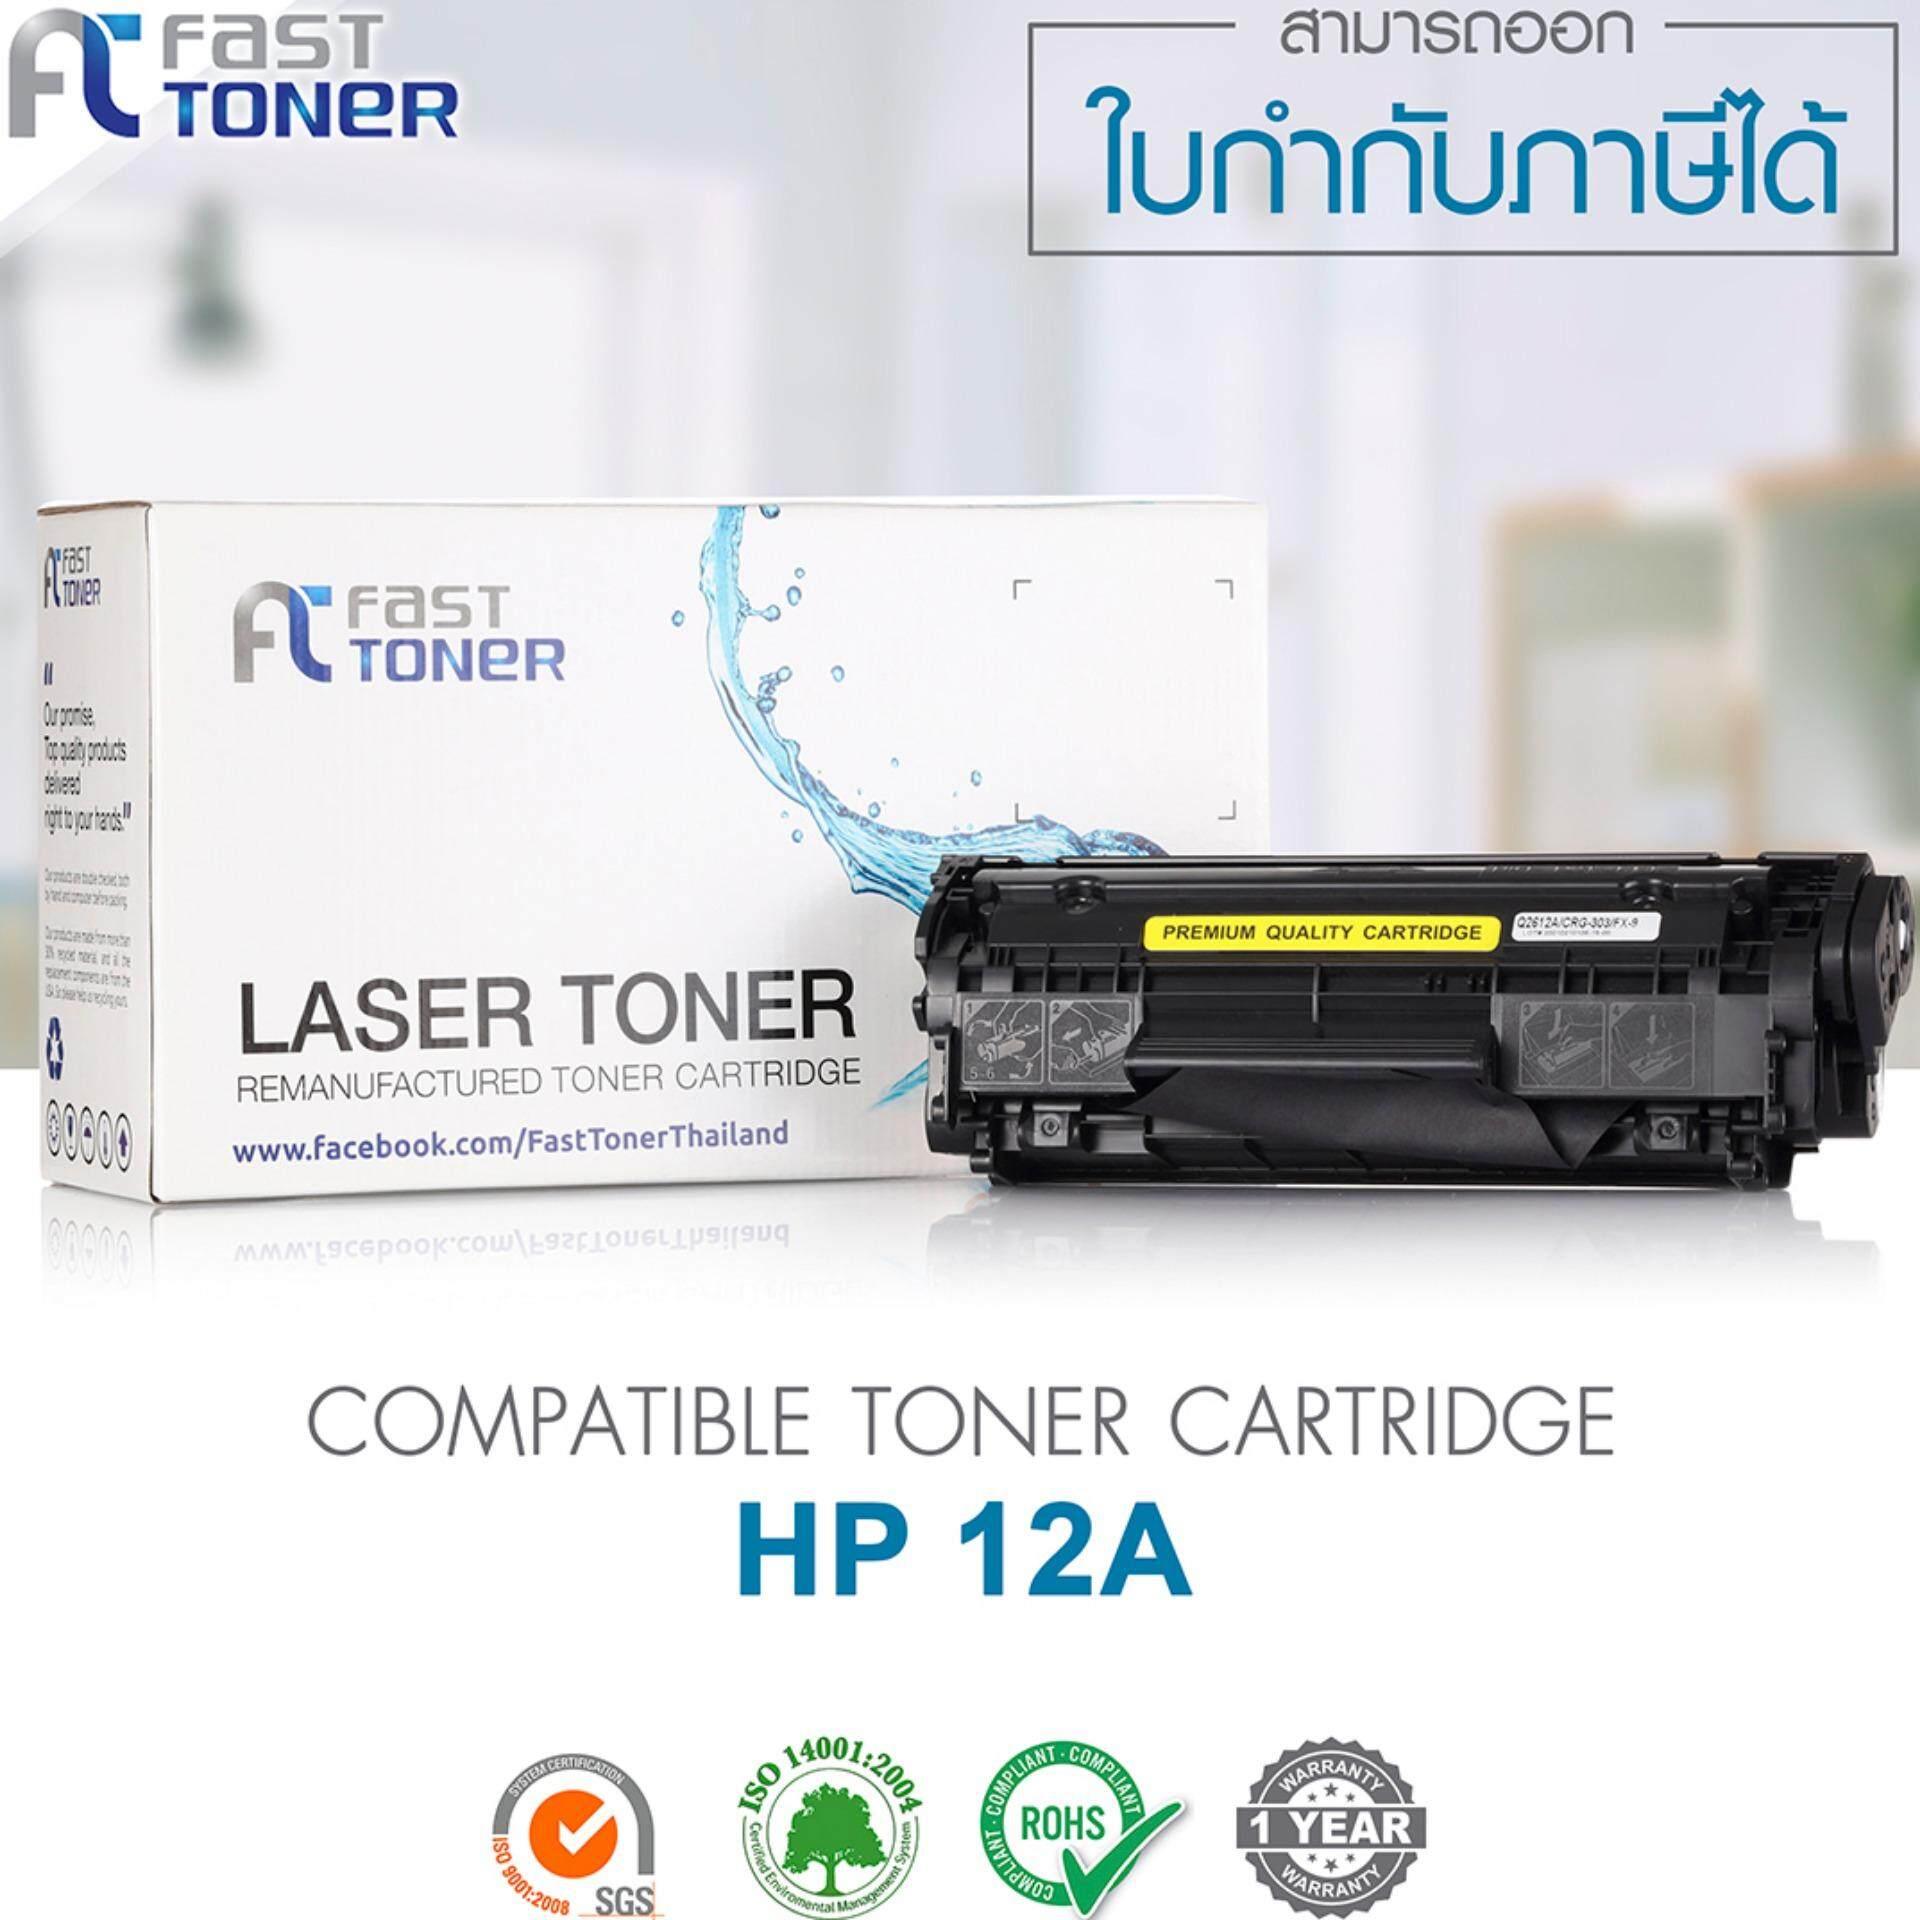 ส่วนลด สินค้า Fast Toner ตลับหมึกพิมพ์เลเซอร์ Hp Q2612A Hp 12A สำหรับปริ๊นเตอร์เลเซอร์ Hp Laserjet 1010 1012 1015 1018 1020 1022 1022N 1022Nw 3015 3020 3030 3050 3050 Aio 3052 3055